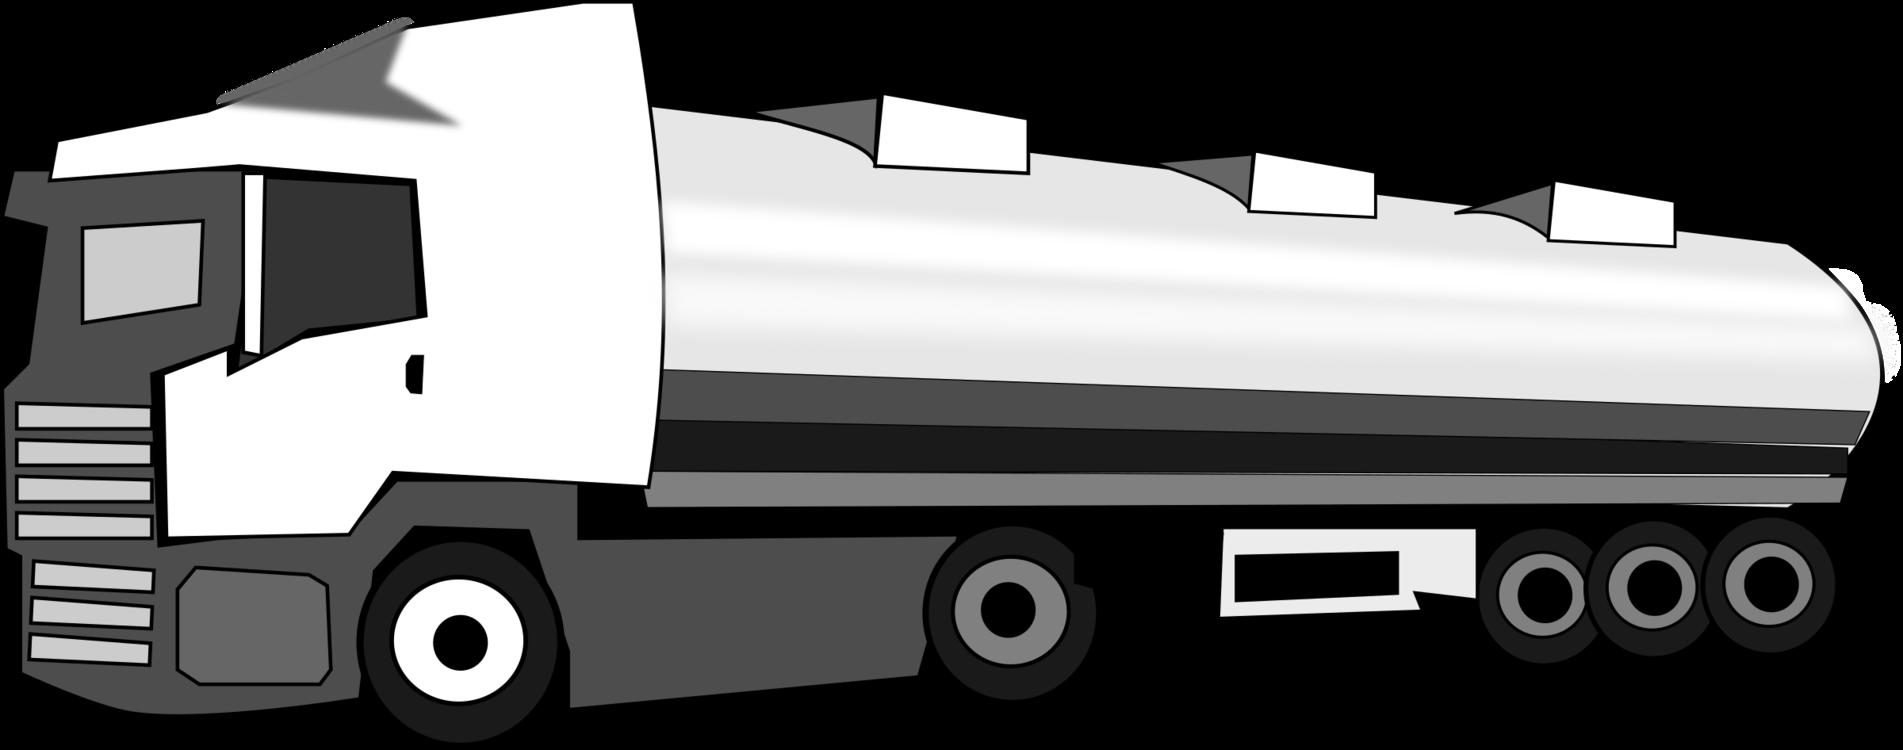 Semi Vector